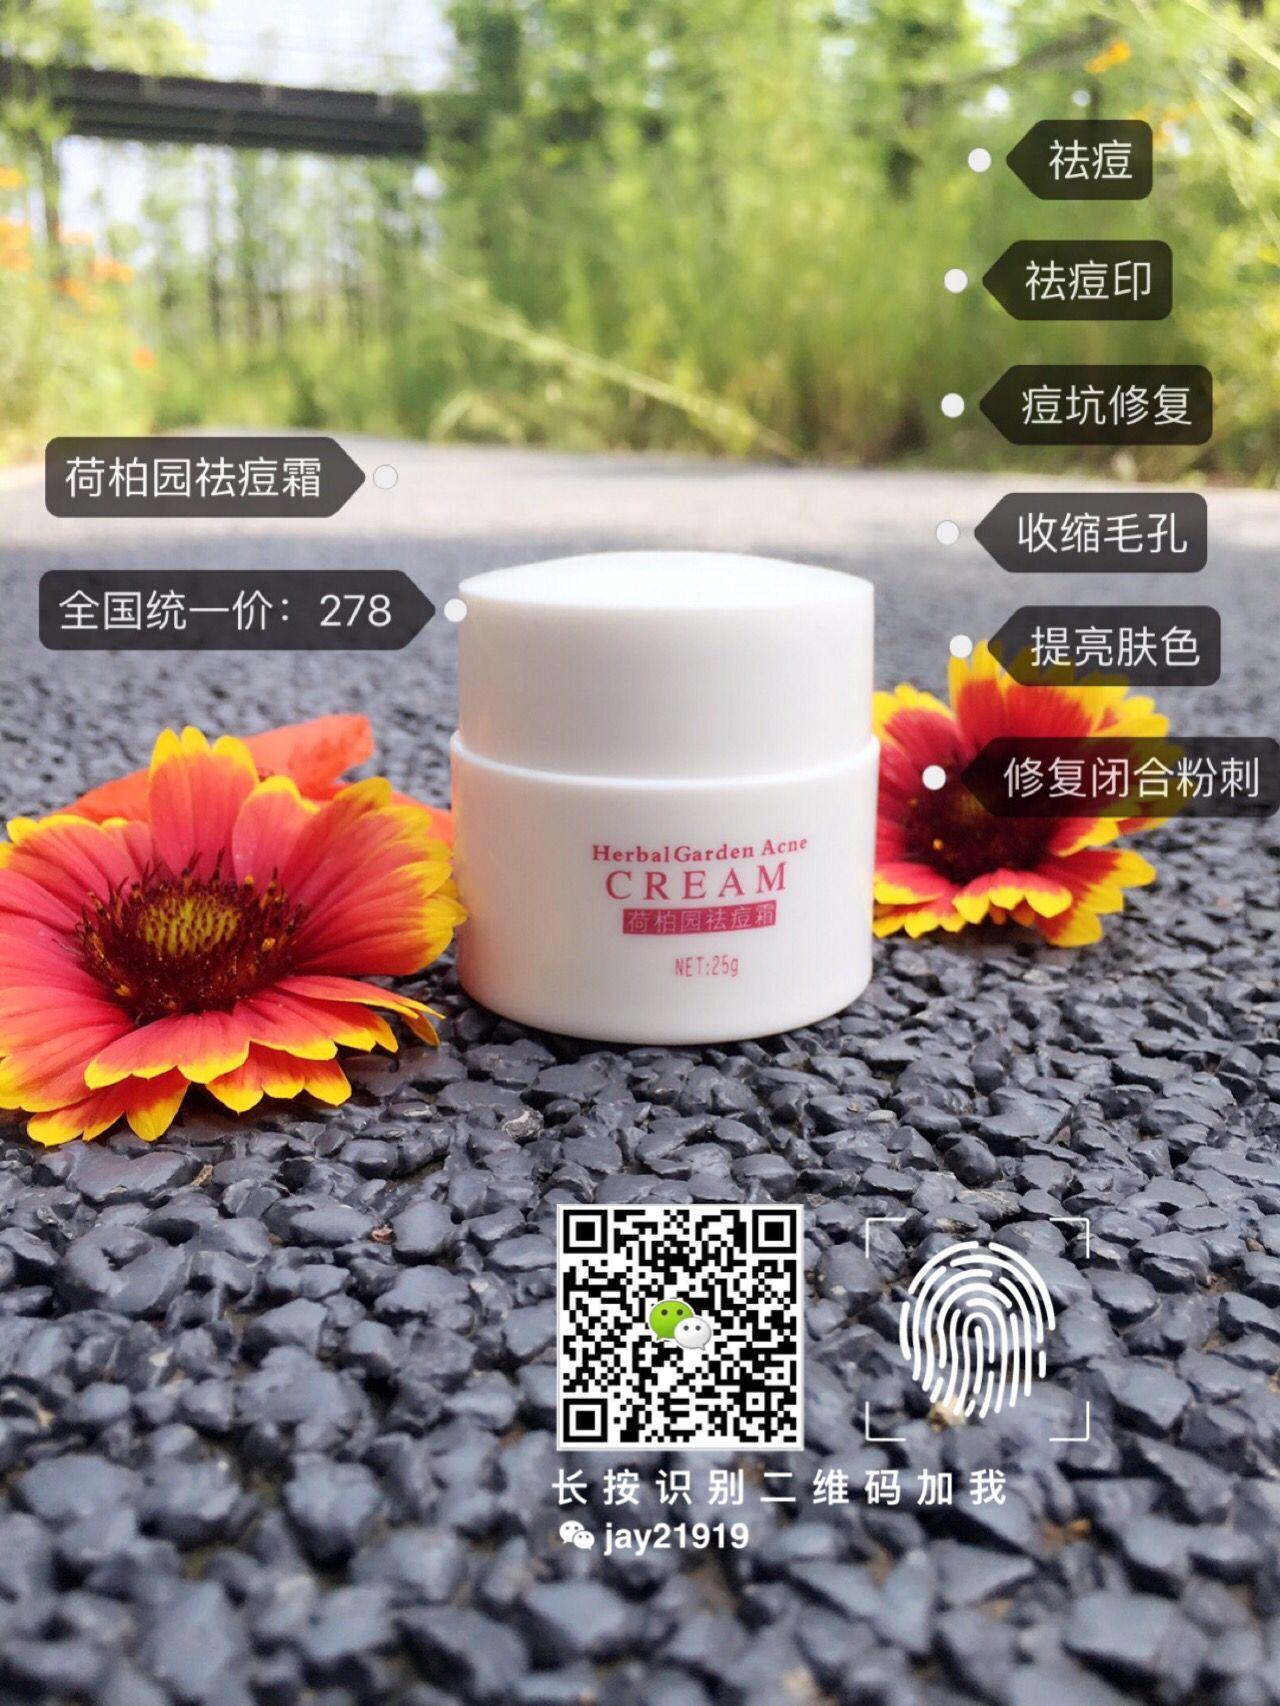 油性痘痘肌肤的清爽4步骤,2015最好用的祛痘产品推荐